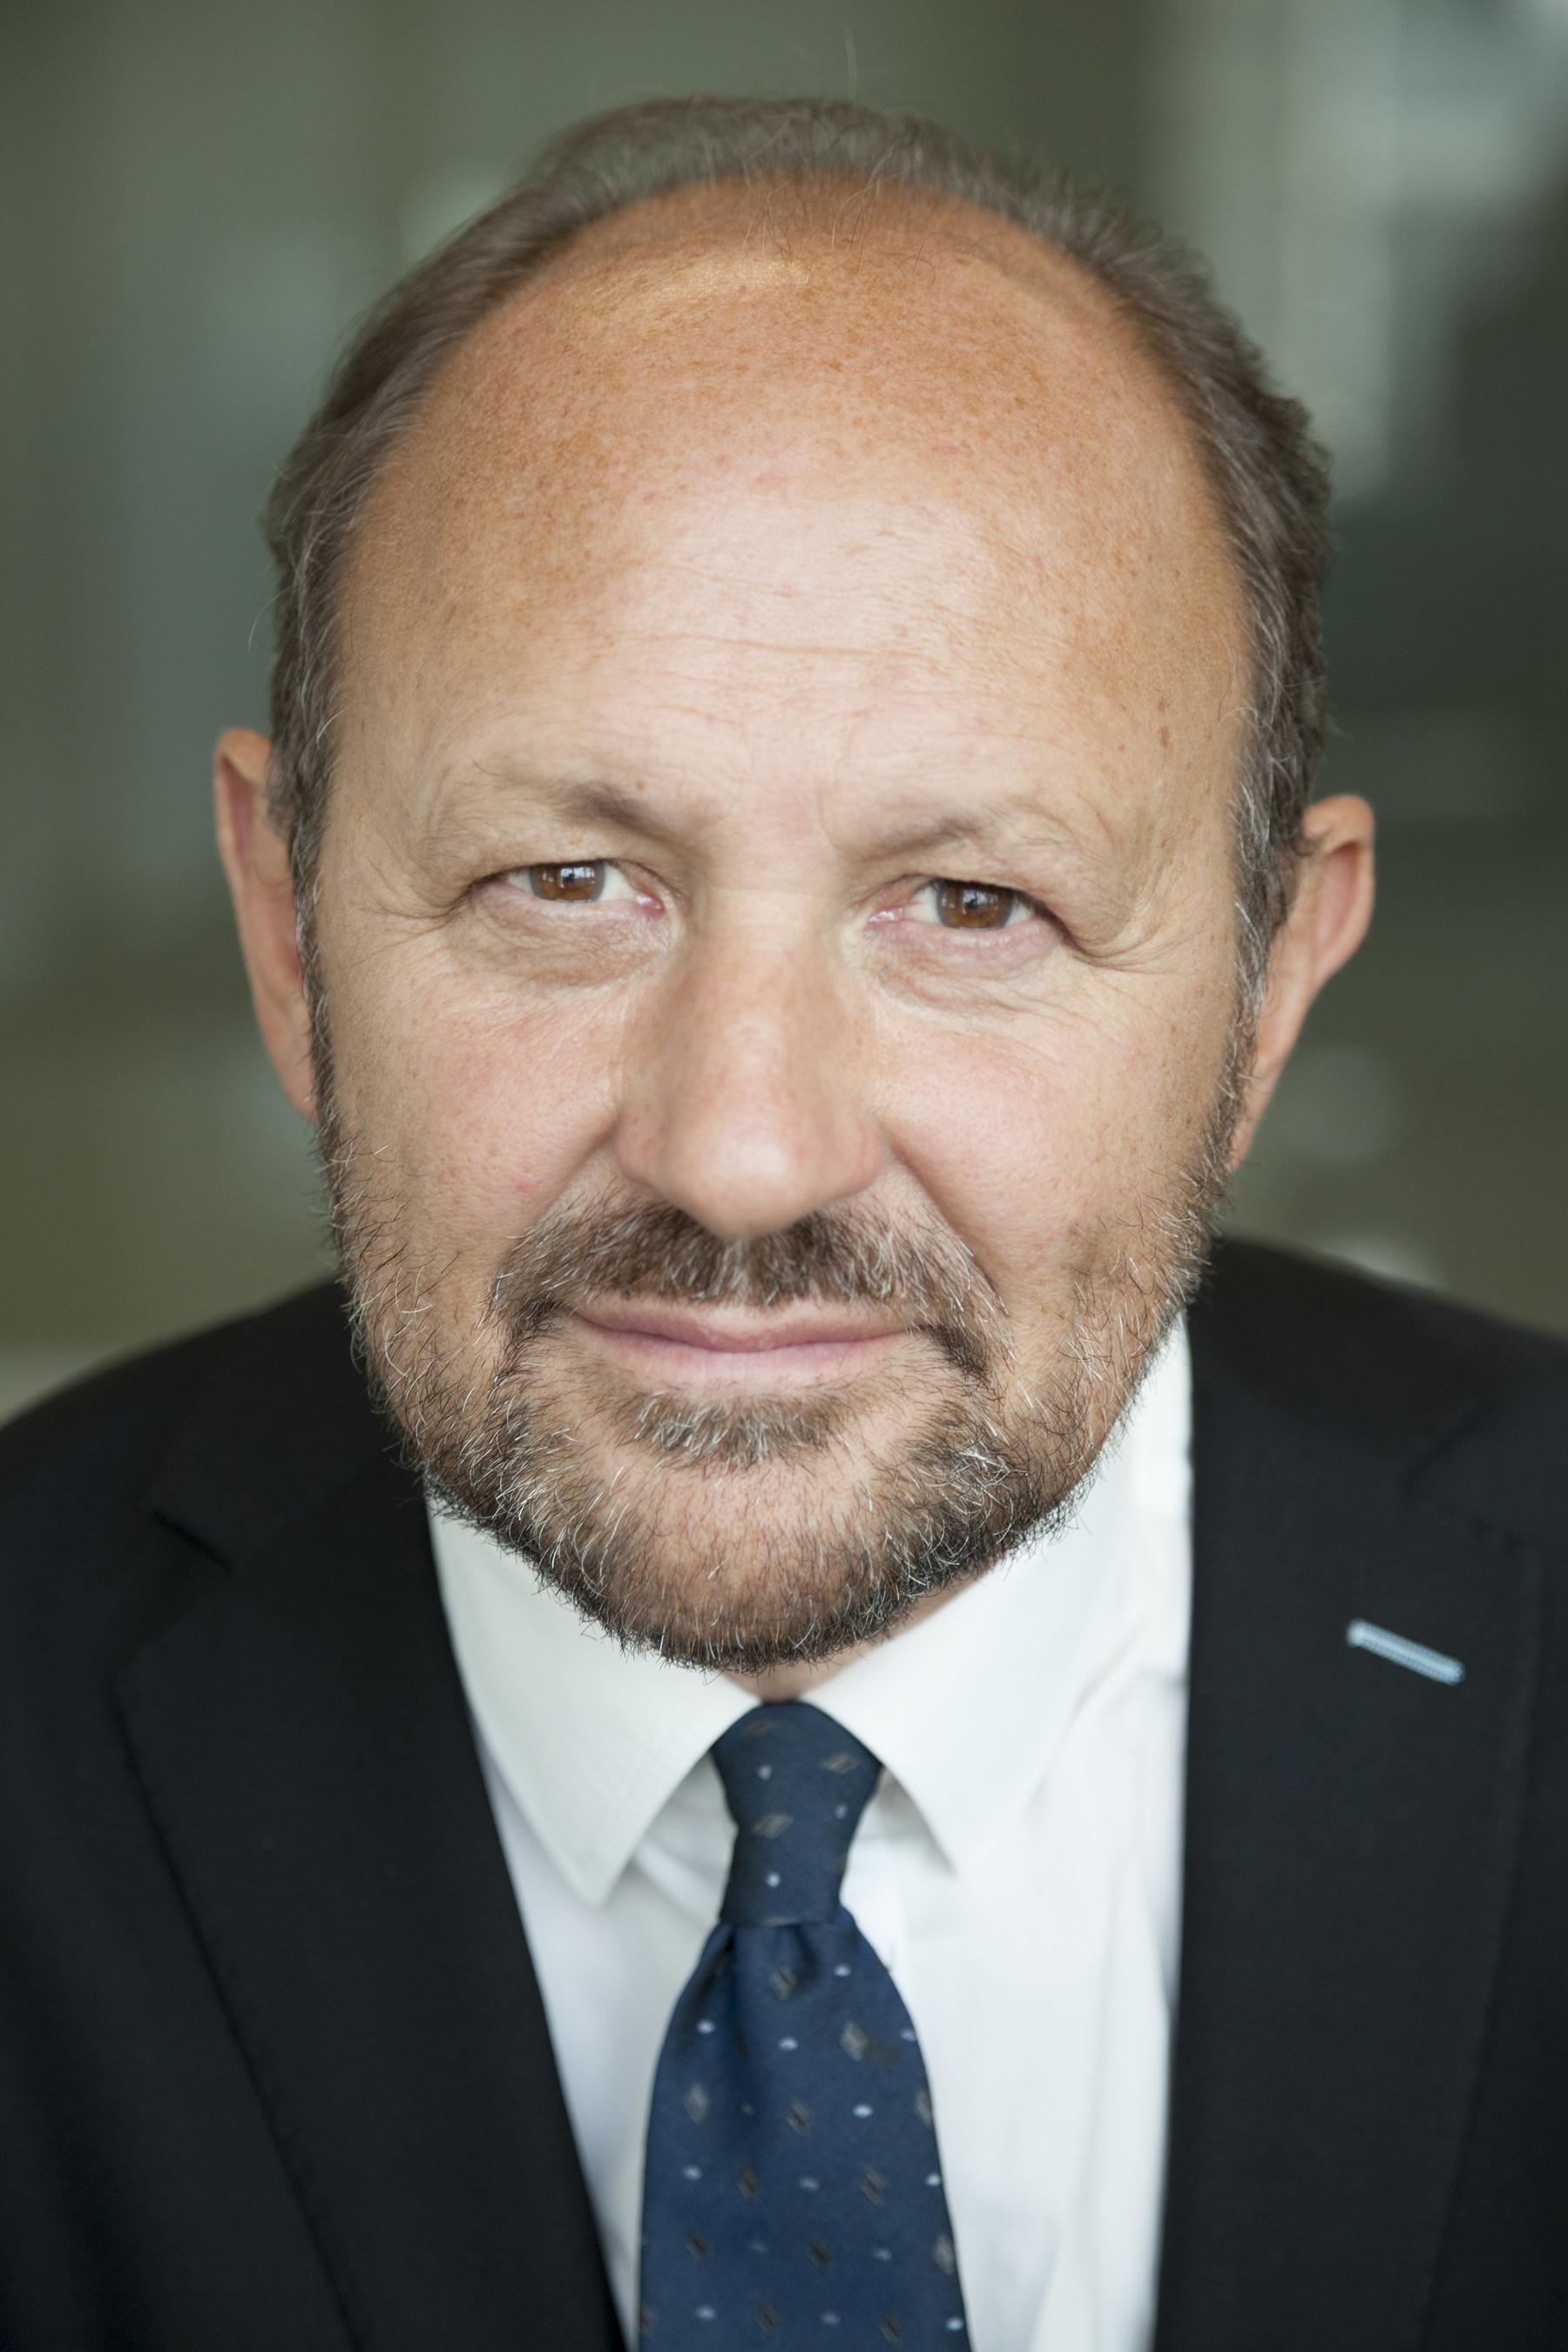 Dominic Proctor, Global President, GroupM